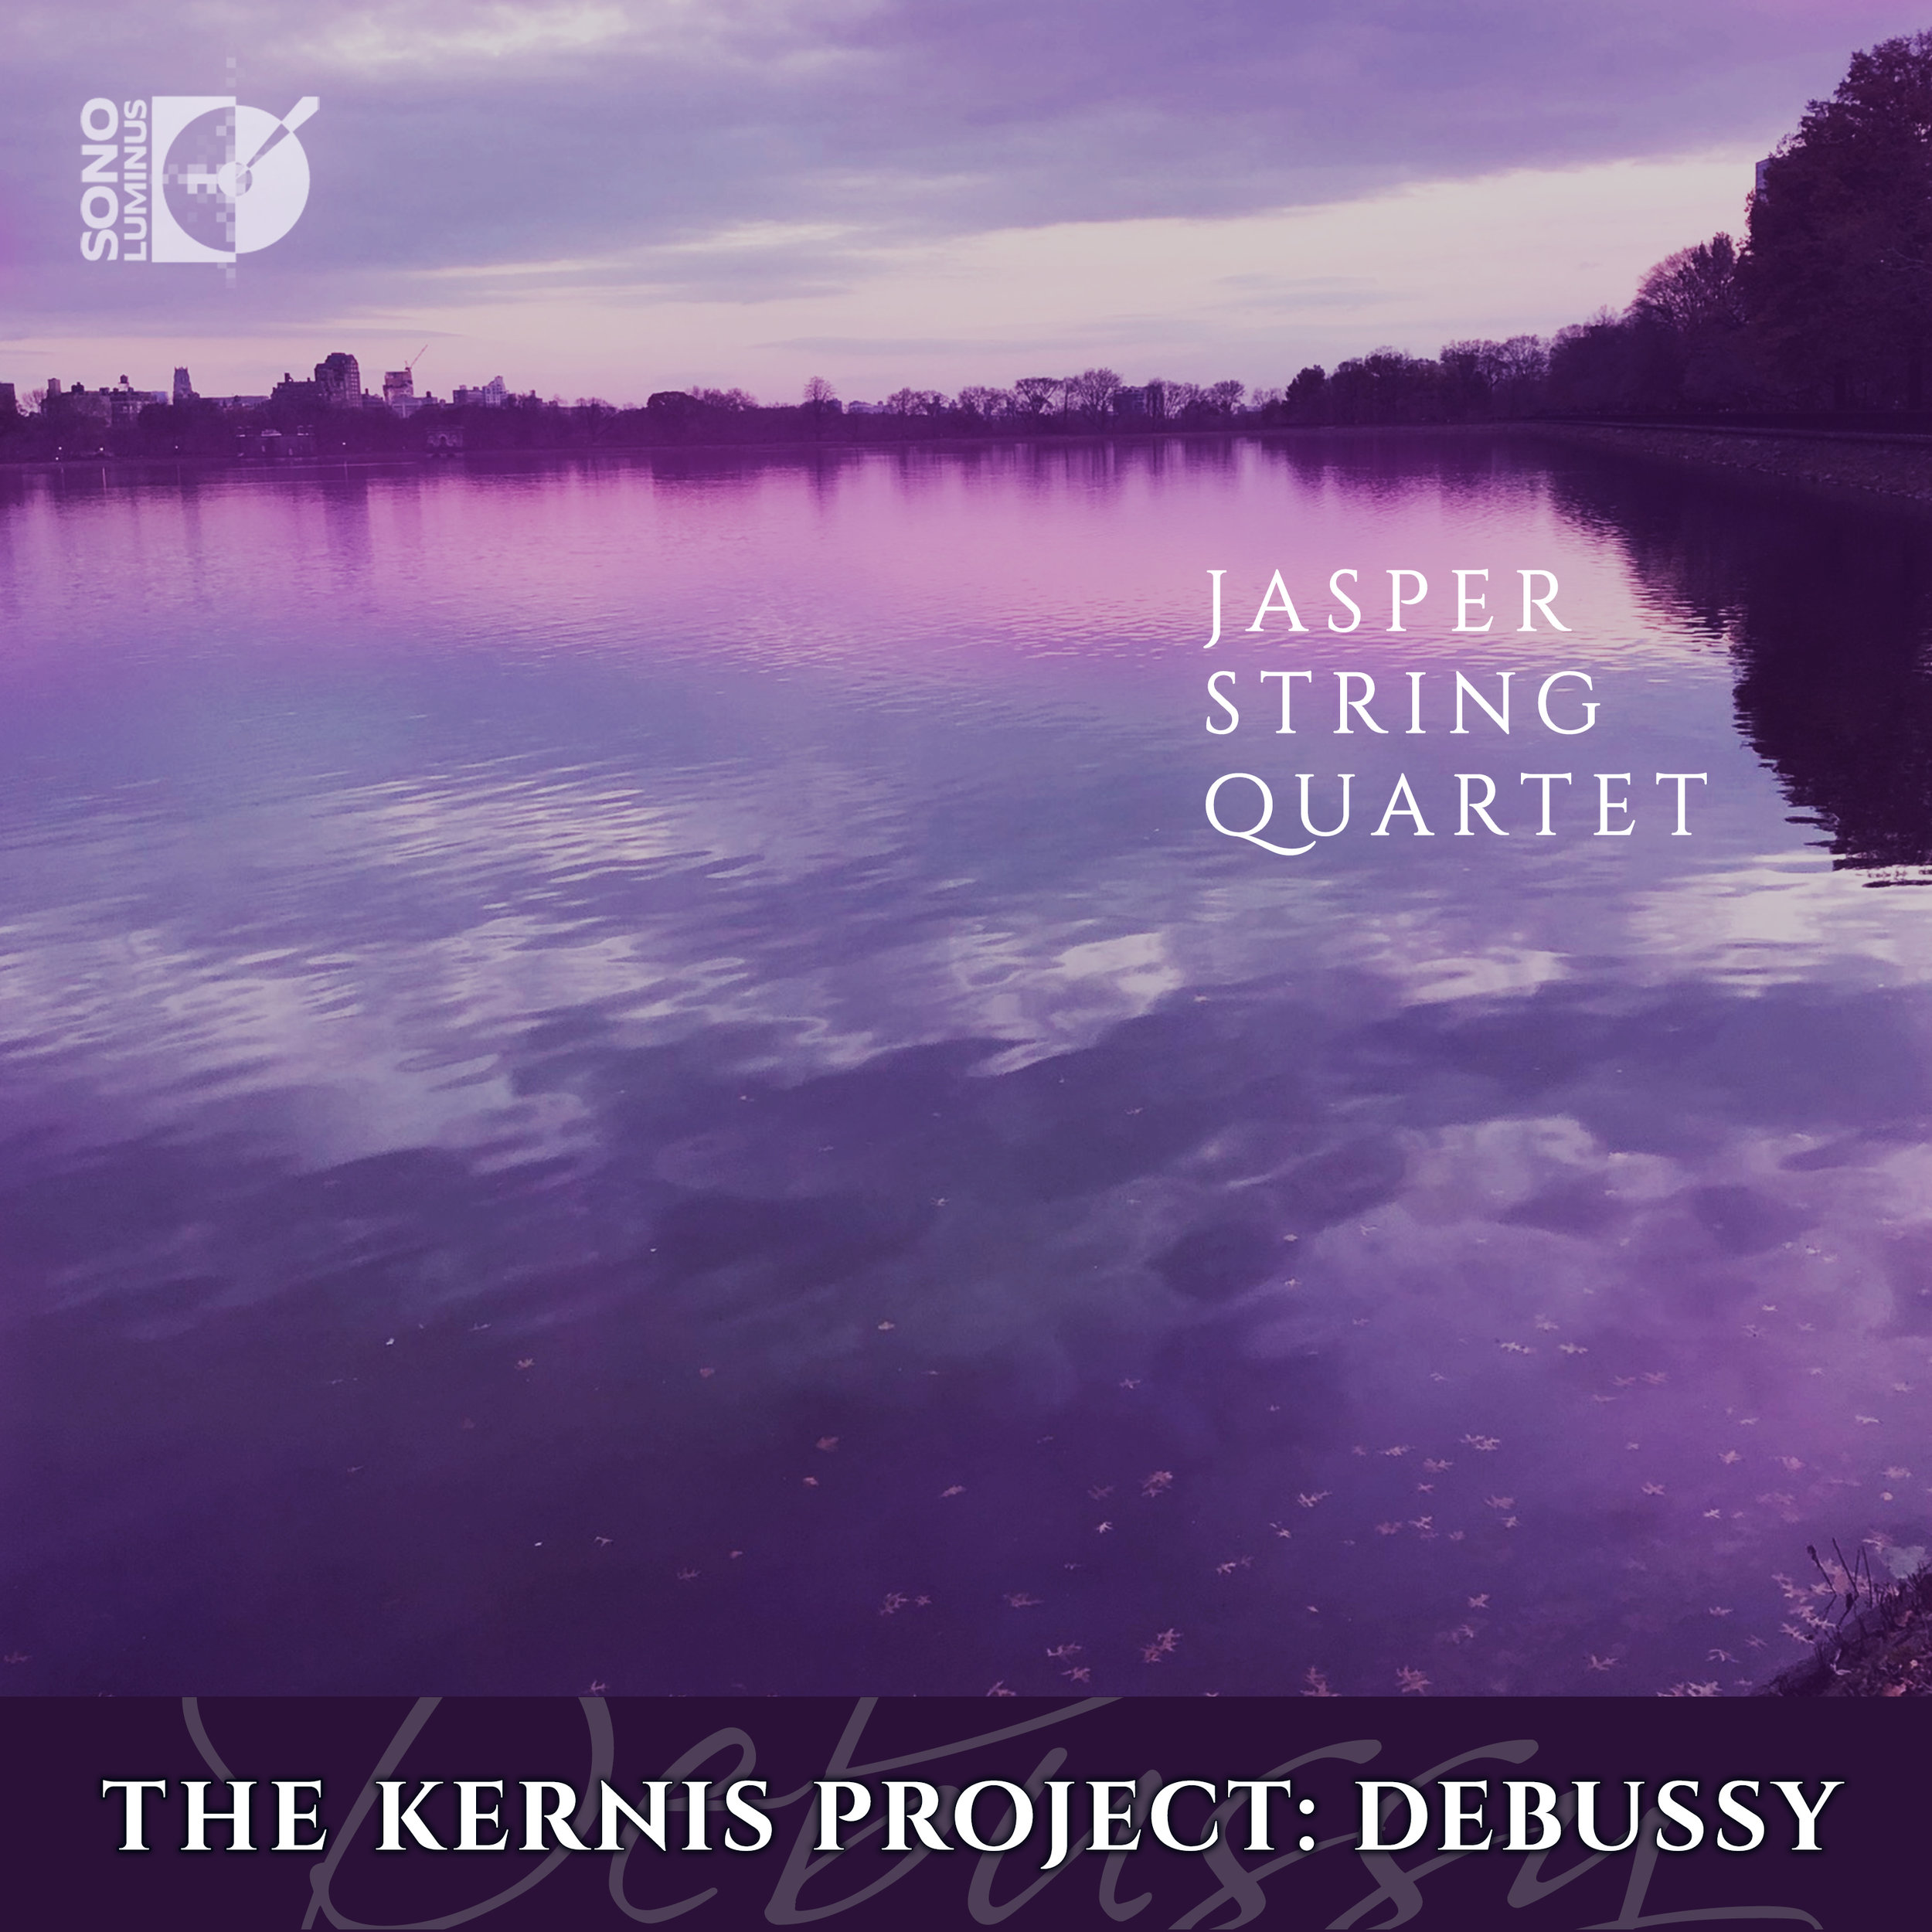 The Kernis Project: Debussy — Sono Luminus | Recording Studio & Record Label